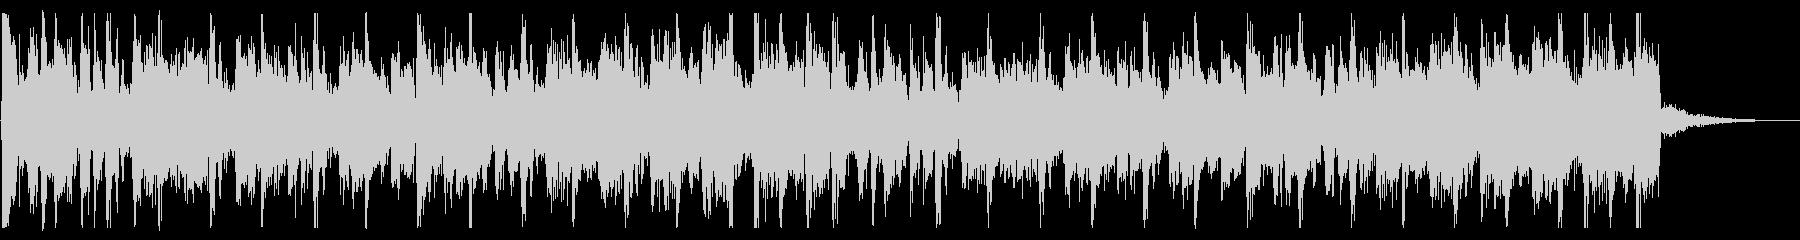 近未来的サイバーBGM_No622_4の未再生の波形